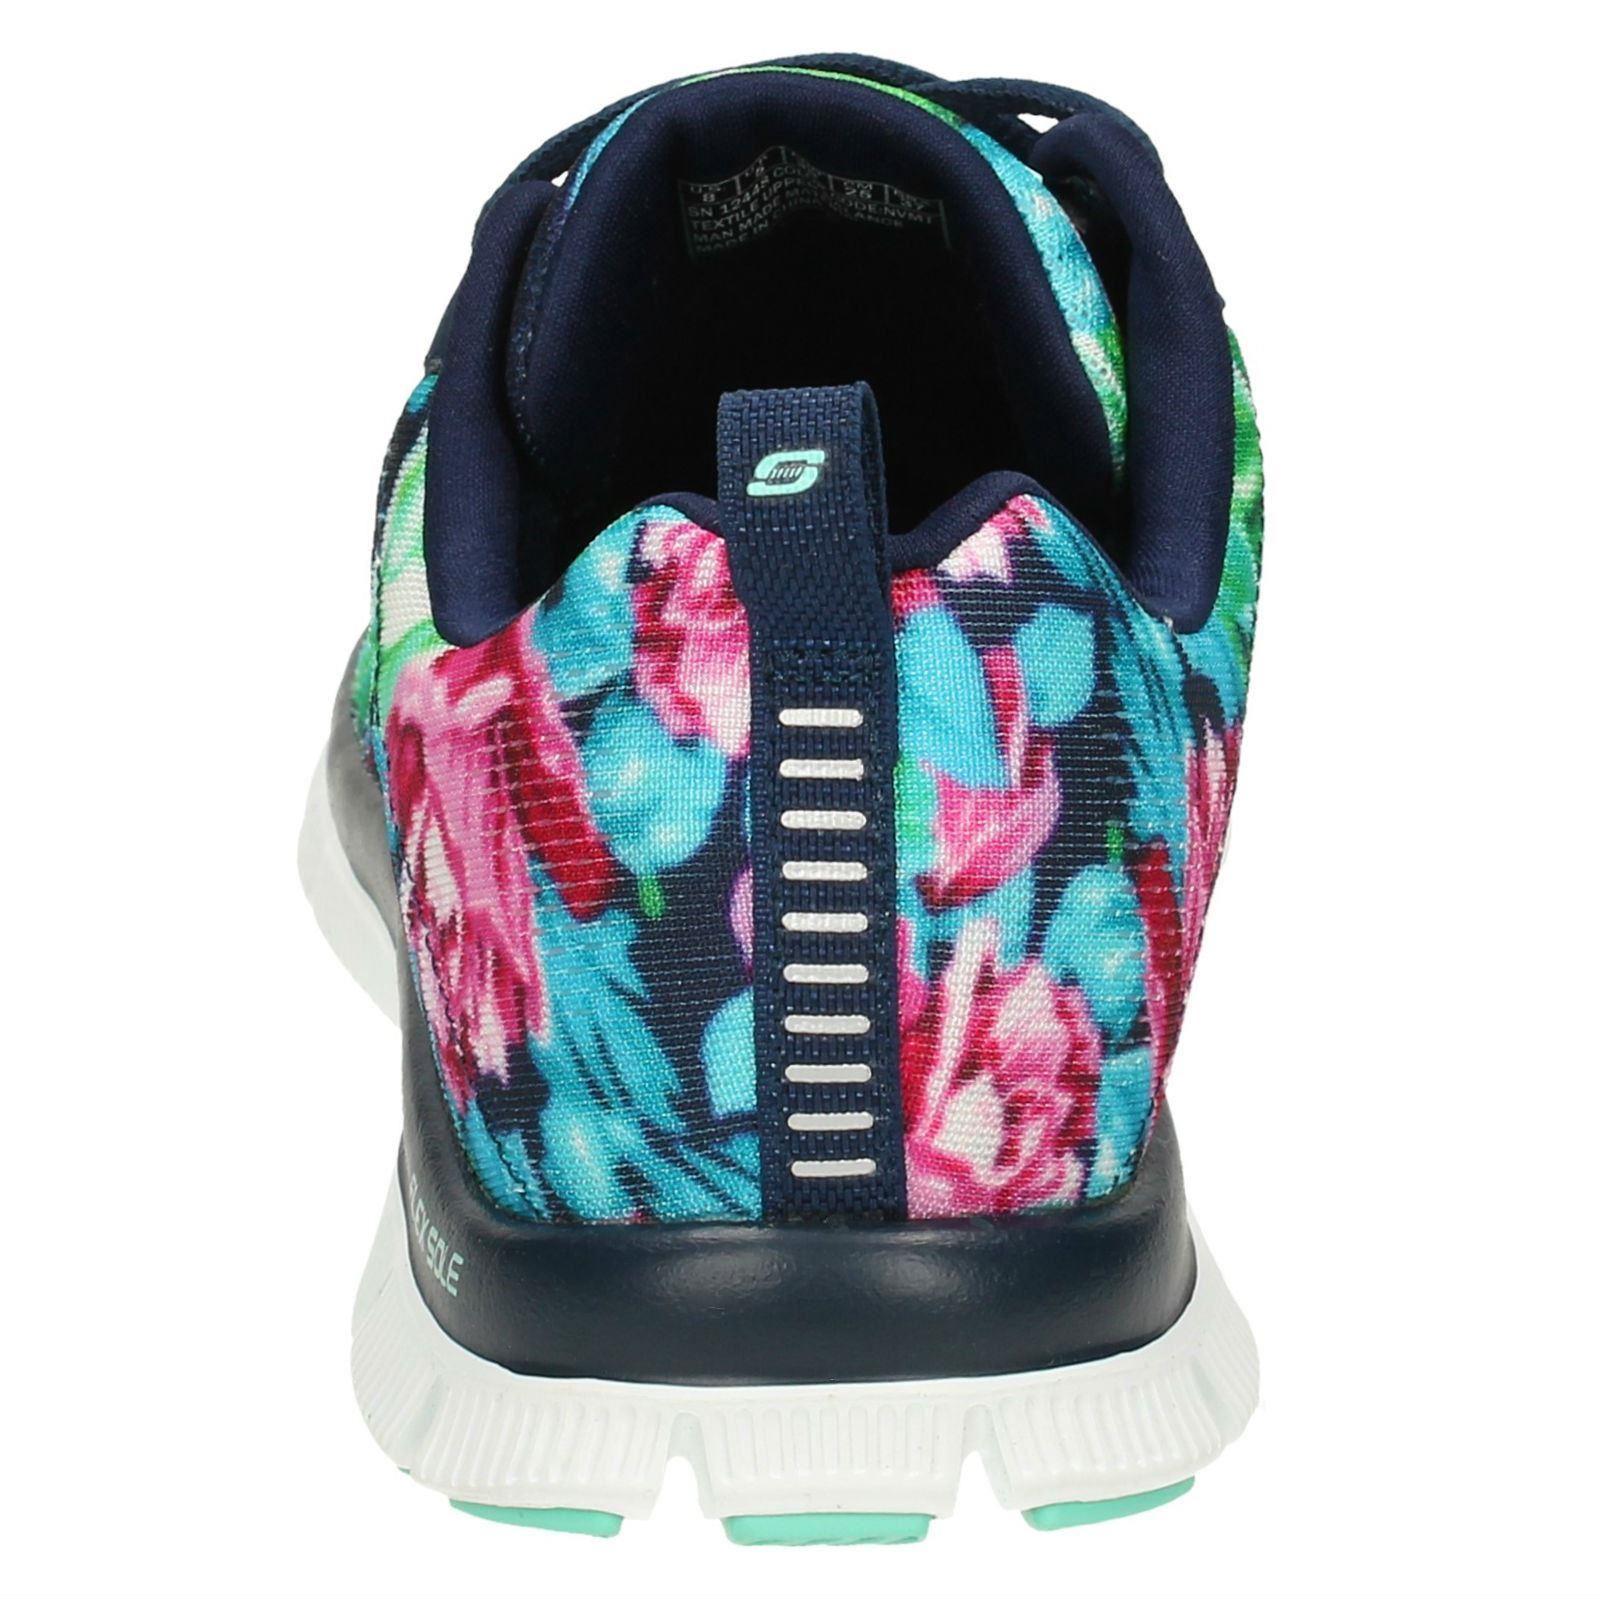 Ladies Skechers Floral Print Trainers *Wildflowers 12448*